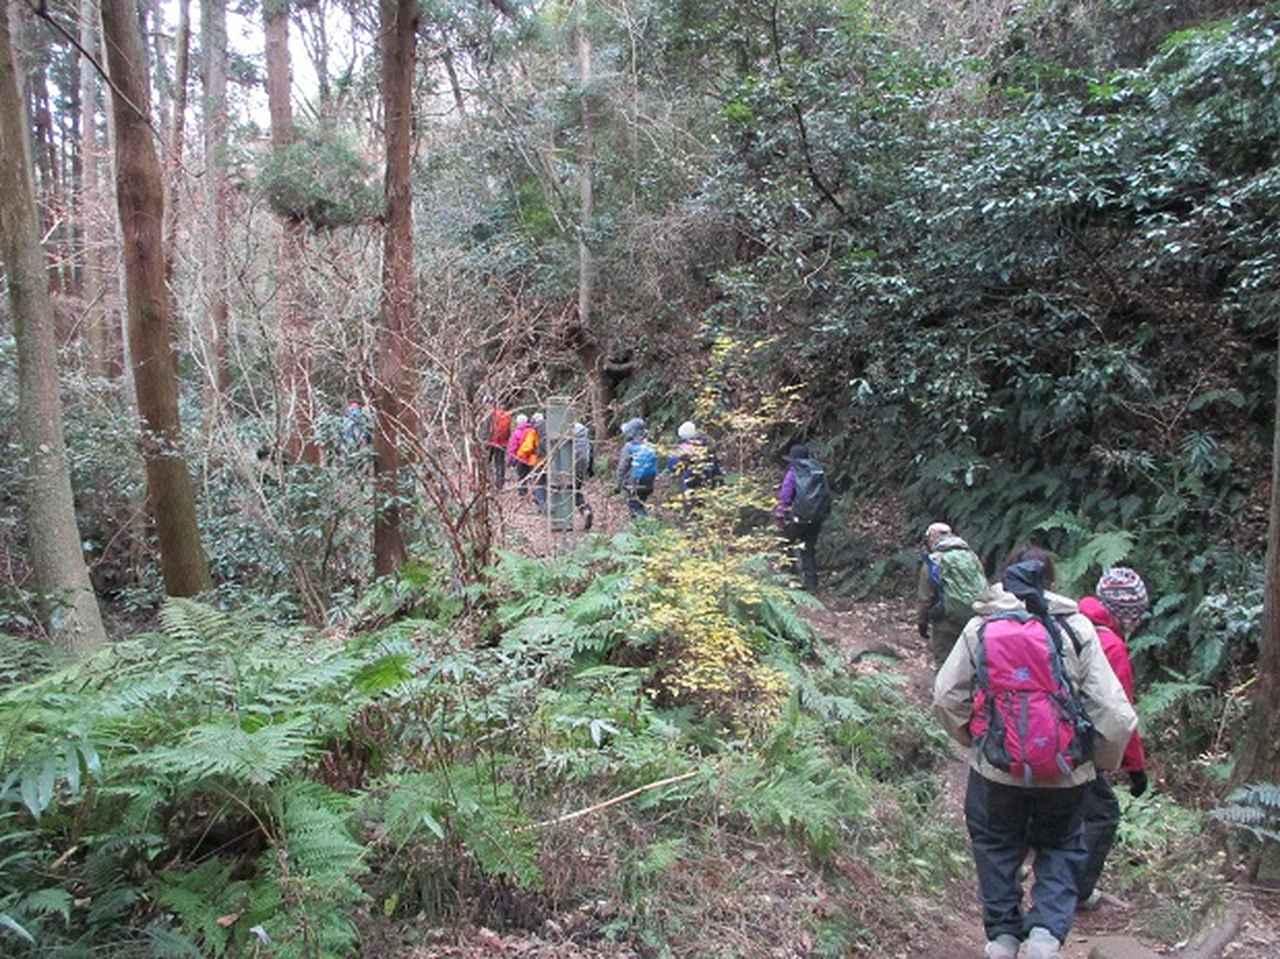 画像11: 1月12日に山旅会現地集合ツアー 「六浦から朝比奈切通・大平山」 ツアーにいってまいりました!